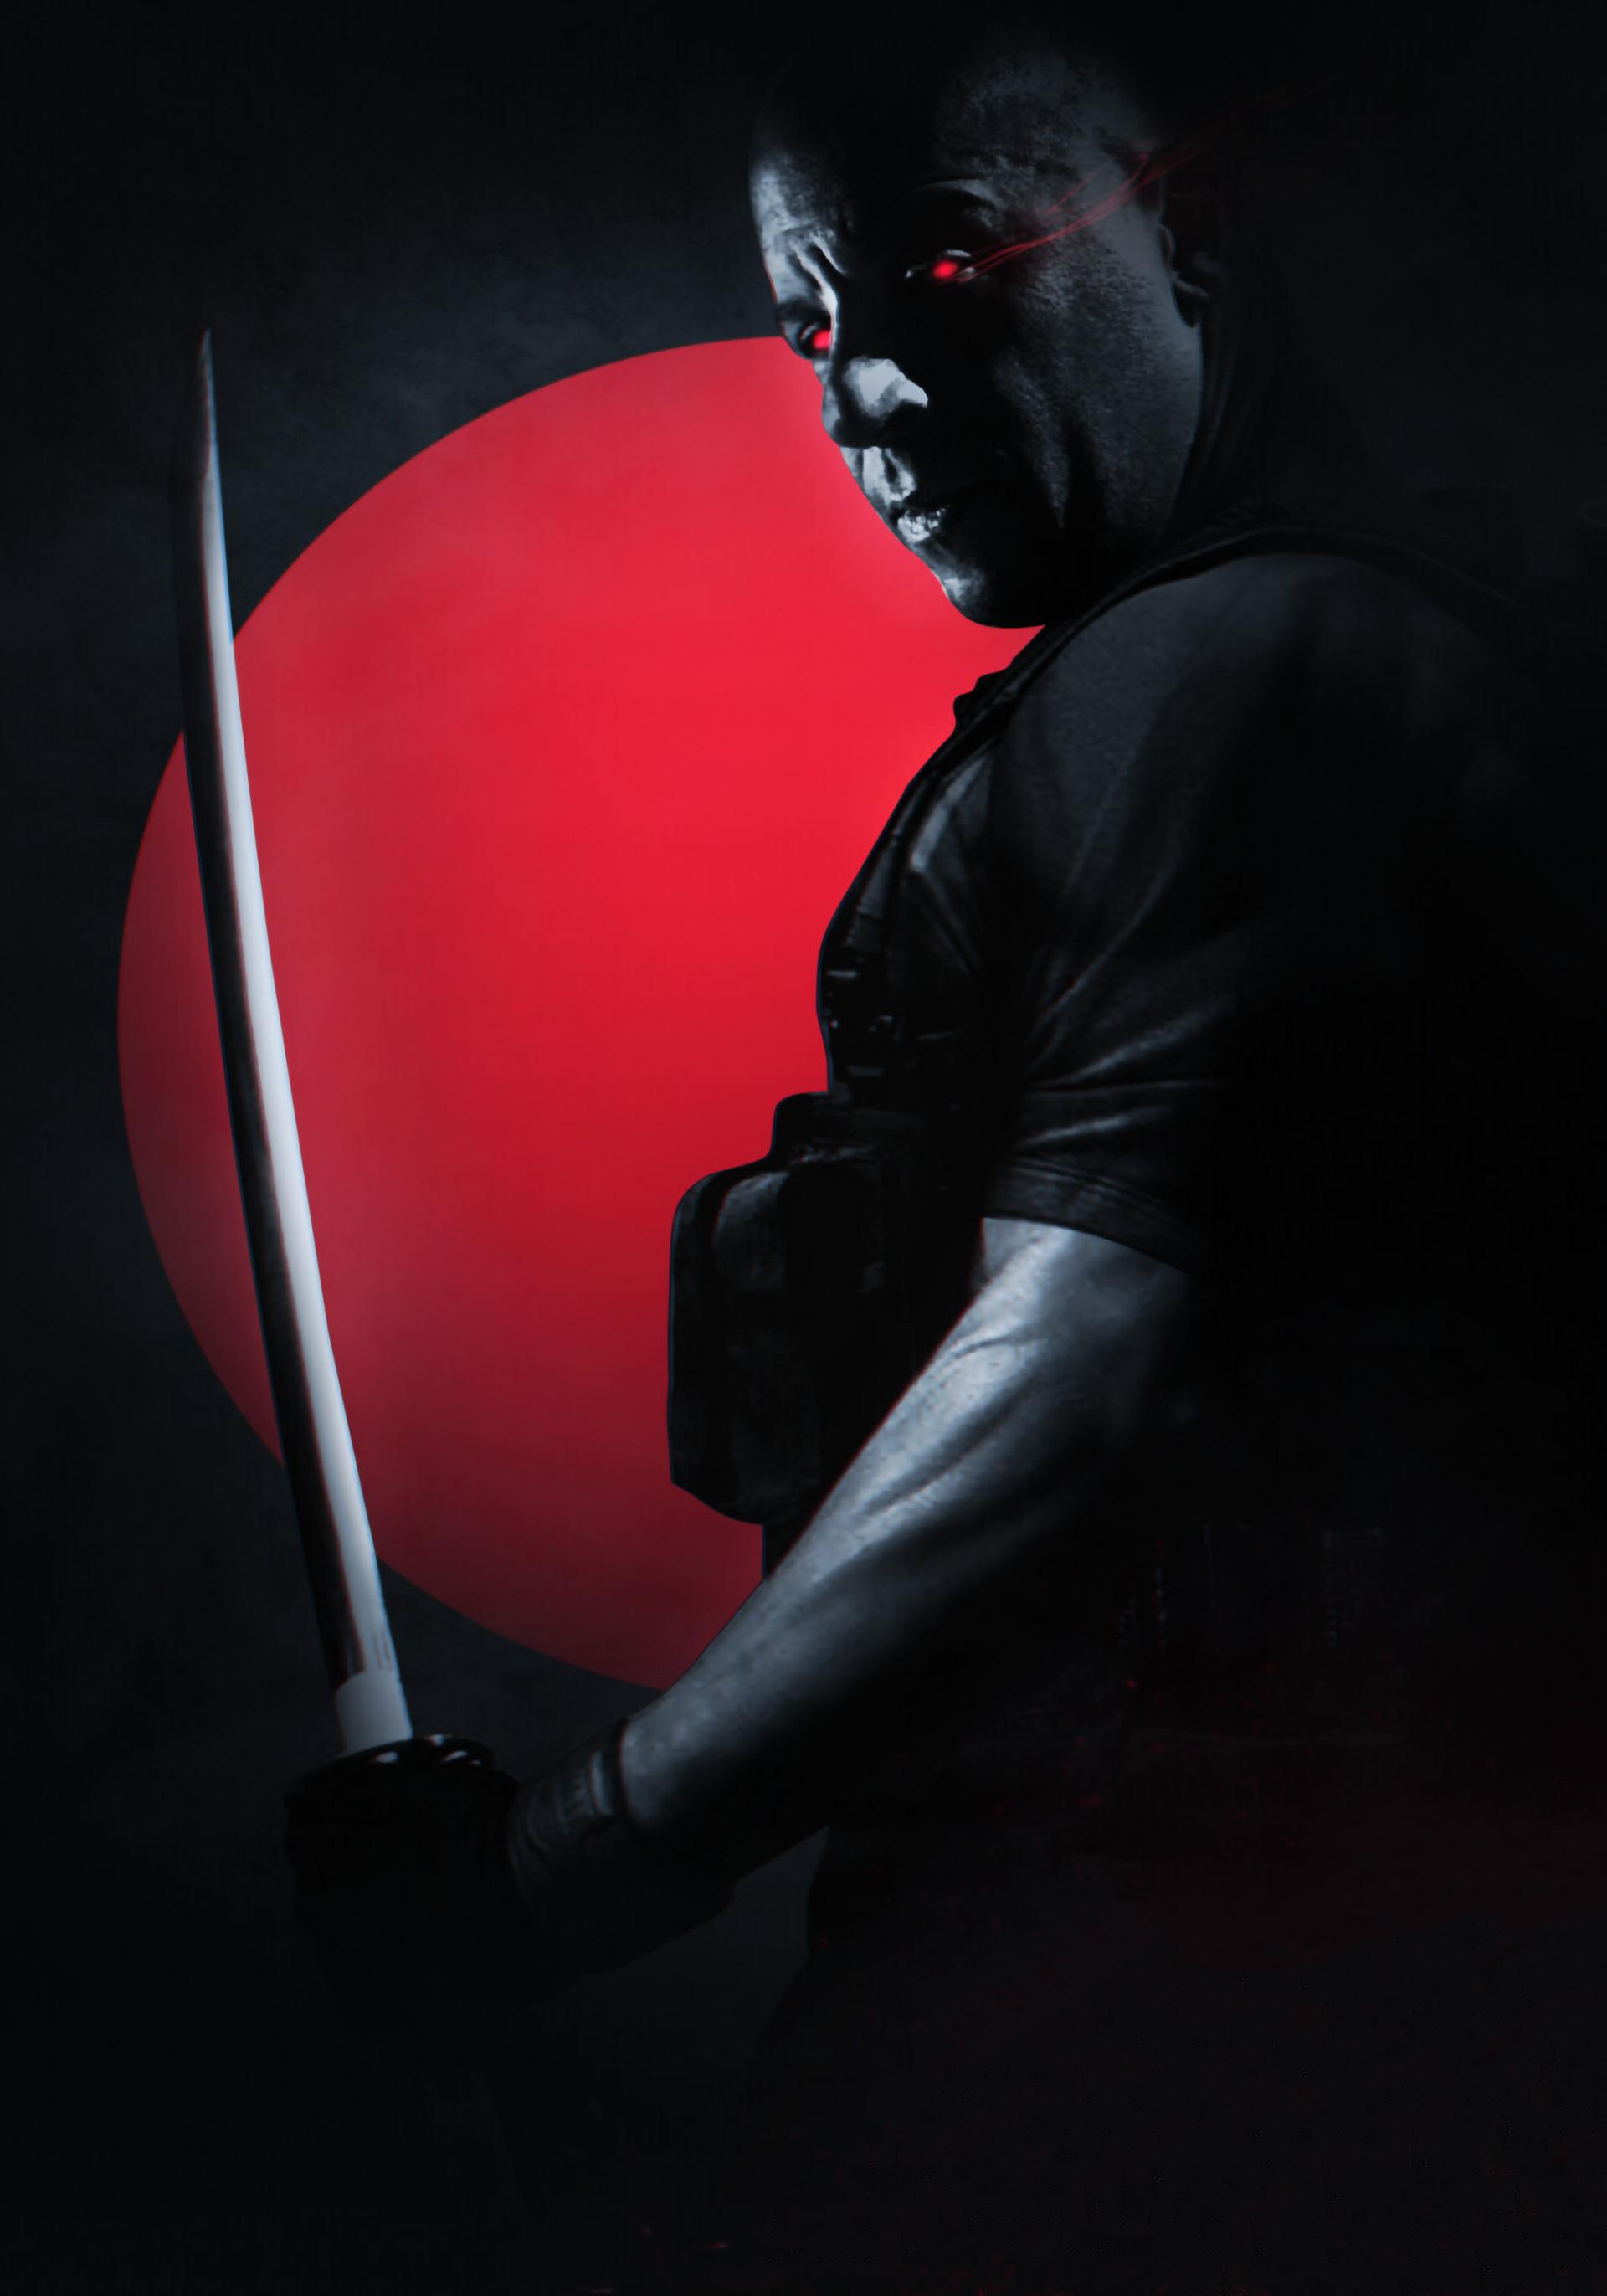 Vin Diesel Bloodshot Movie 2020 Wallpaper HD Movies 4K Wallpapers 1920x2743